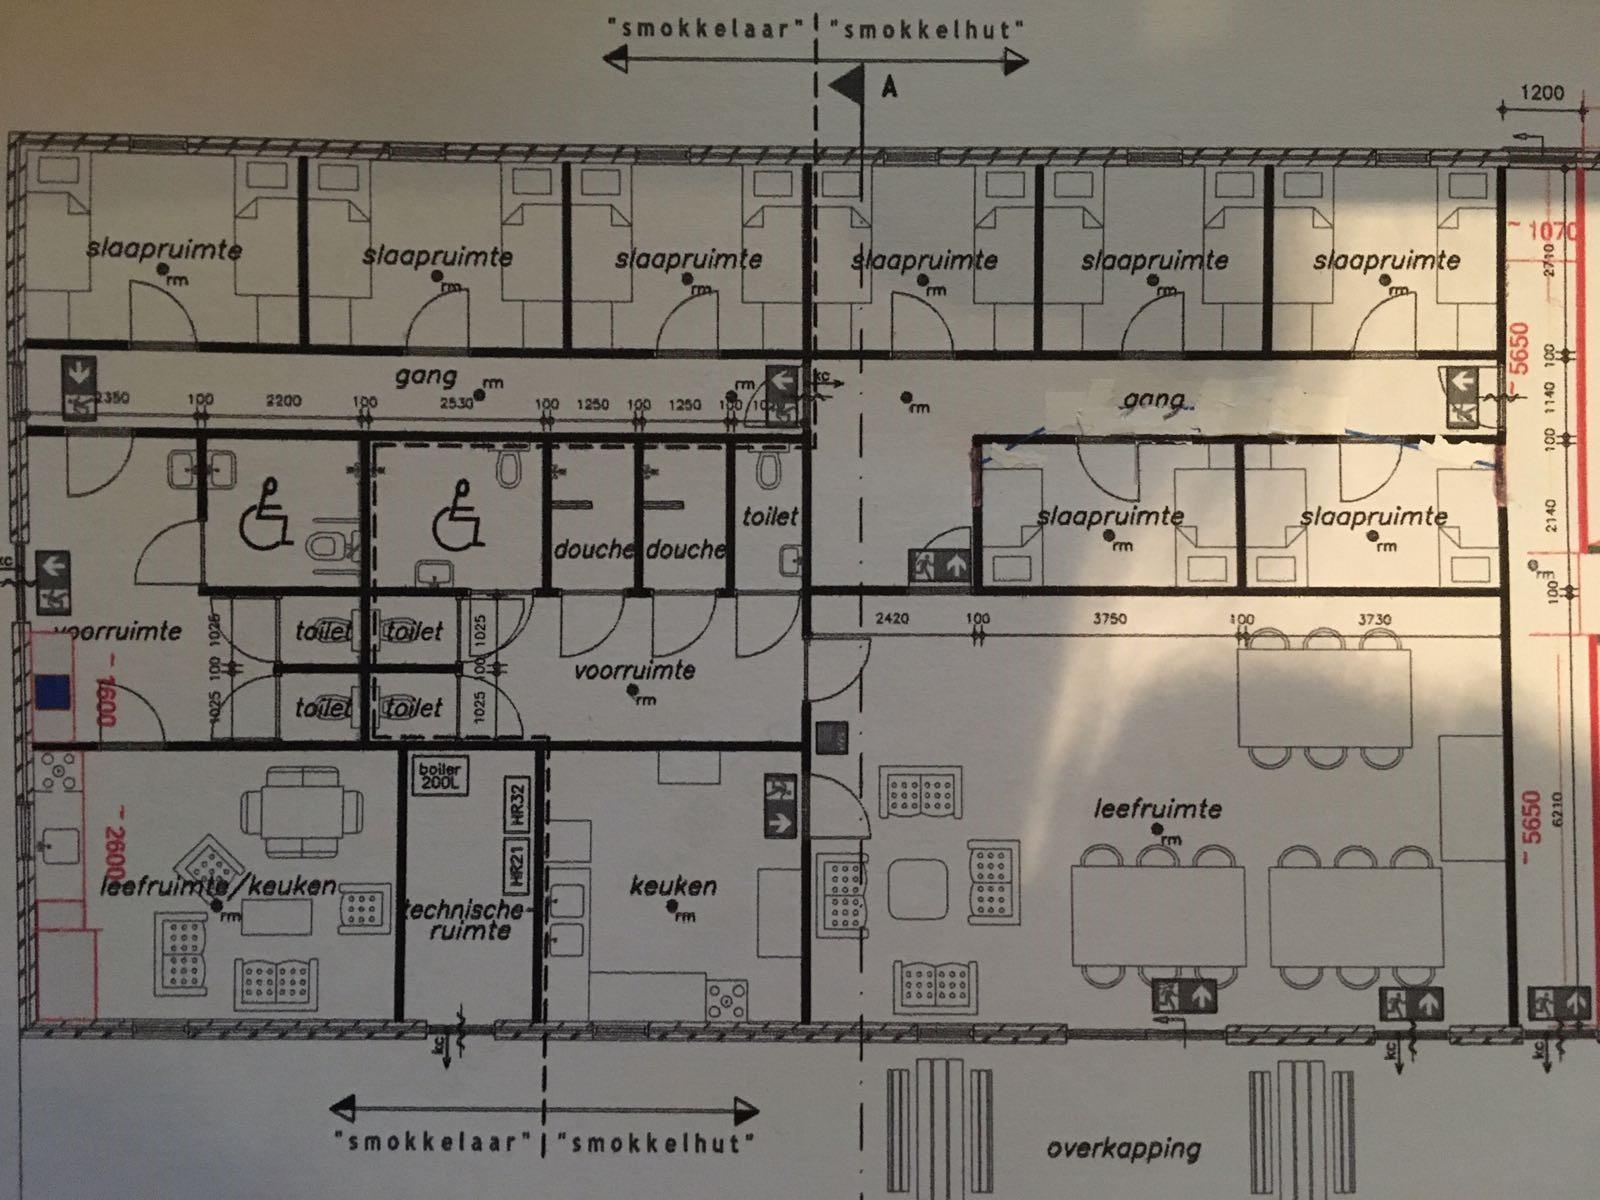 Plan  Akkommodation der Schmuggelhütte und Smokkelaar